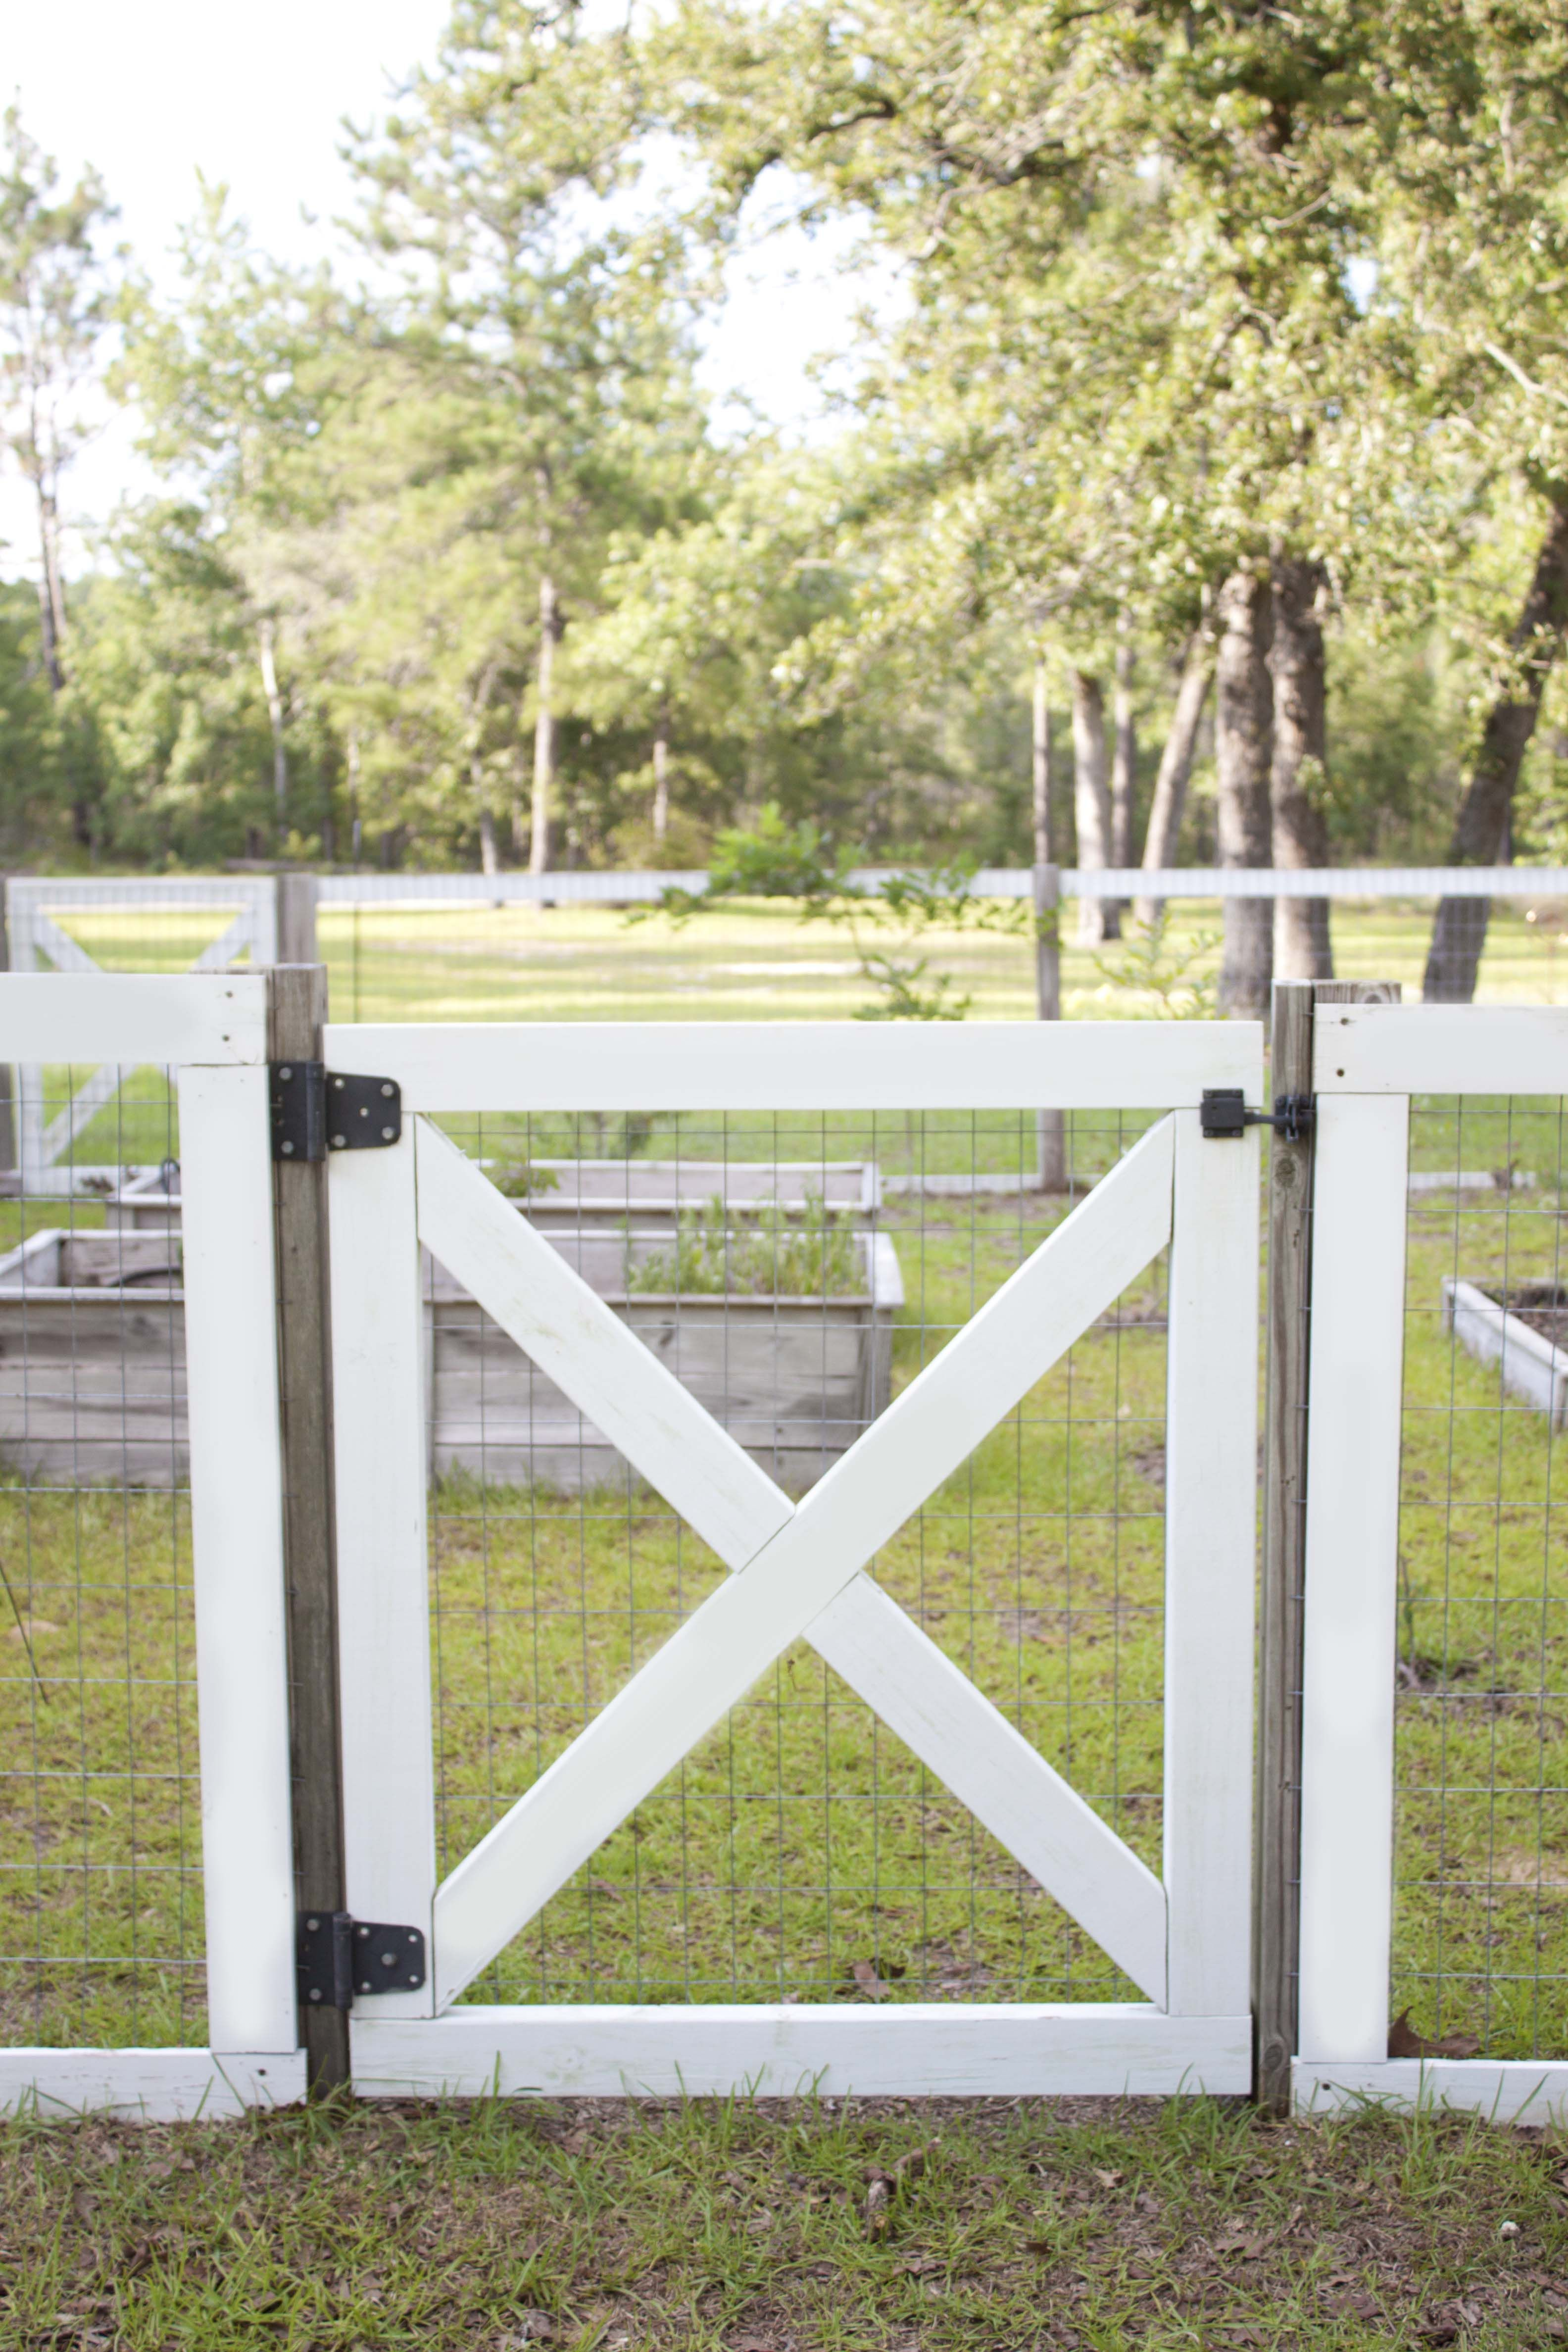 diy garden fence best of southern revivals diy garden fence backyard fences garden gates. Black Bedroom Furniture Sets. Home Design Ideas